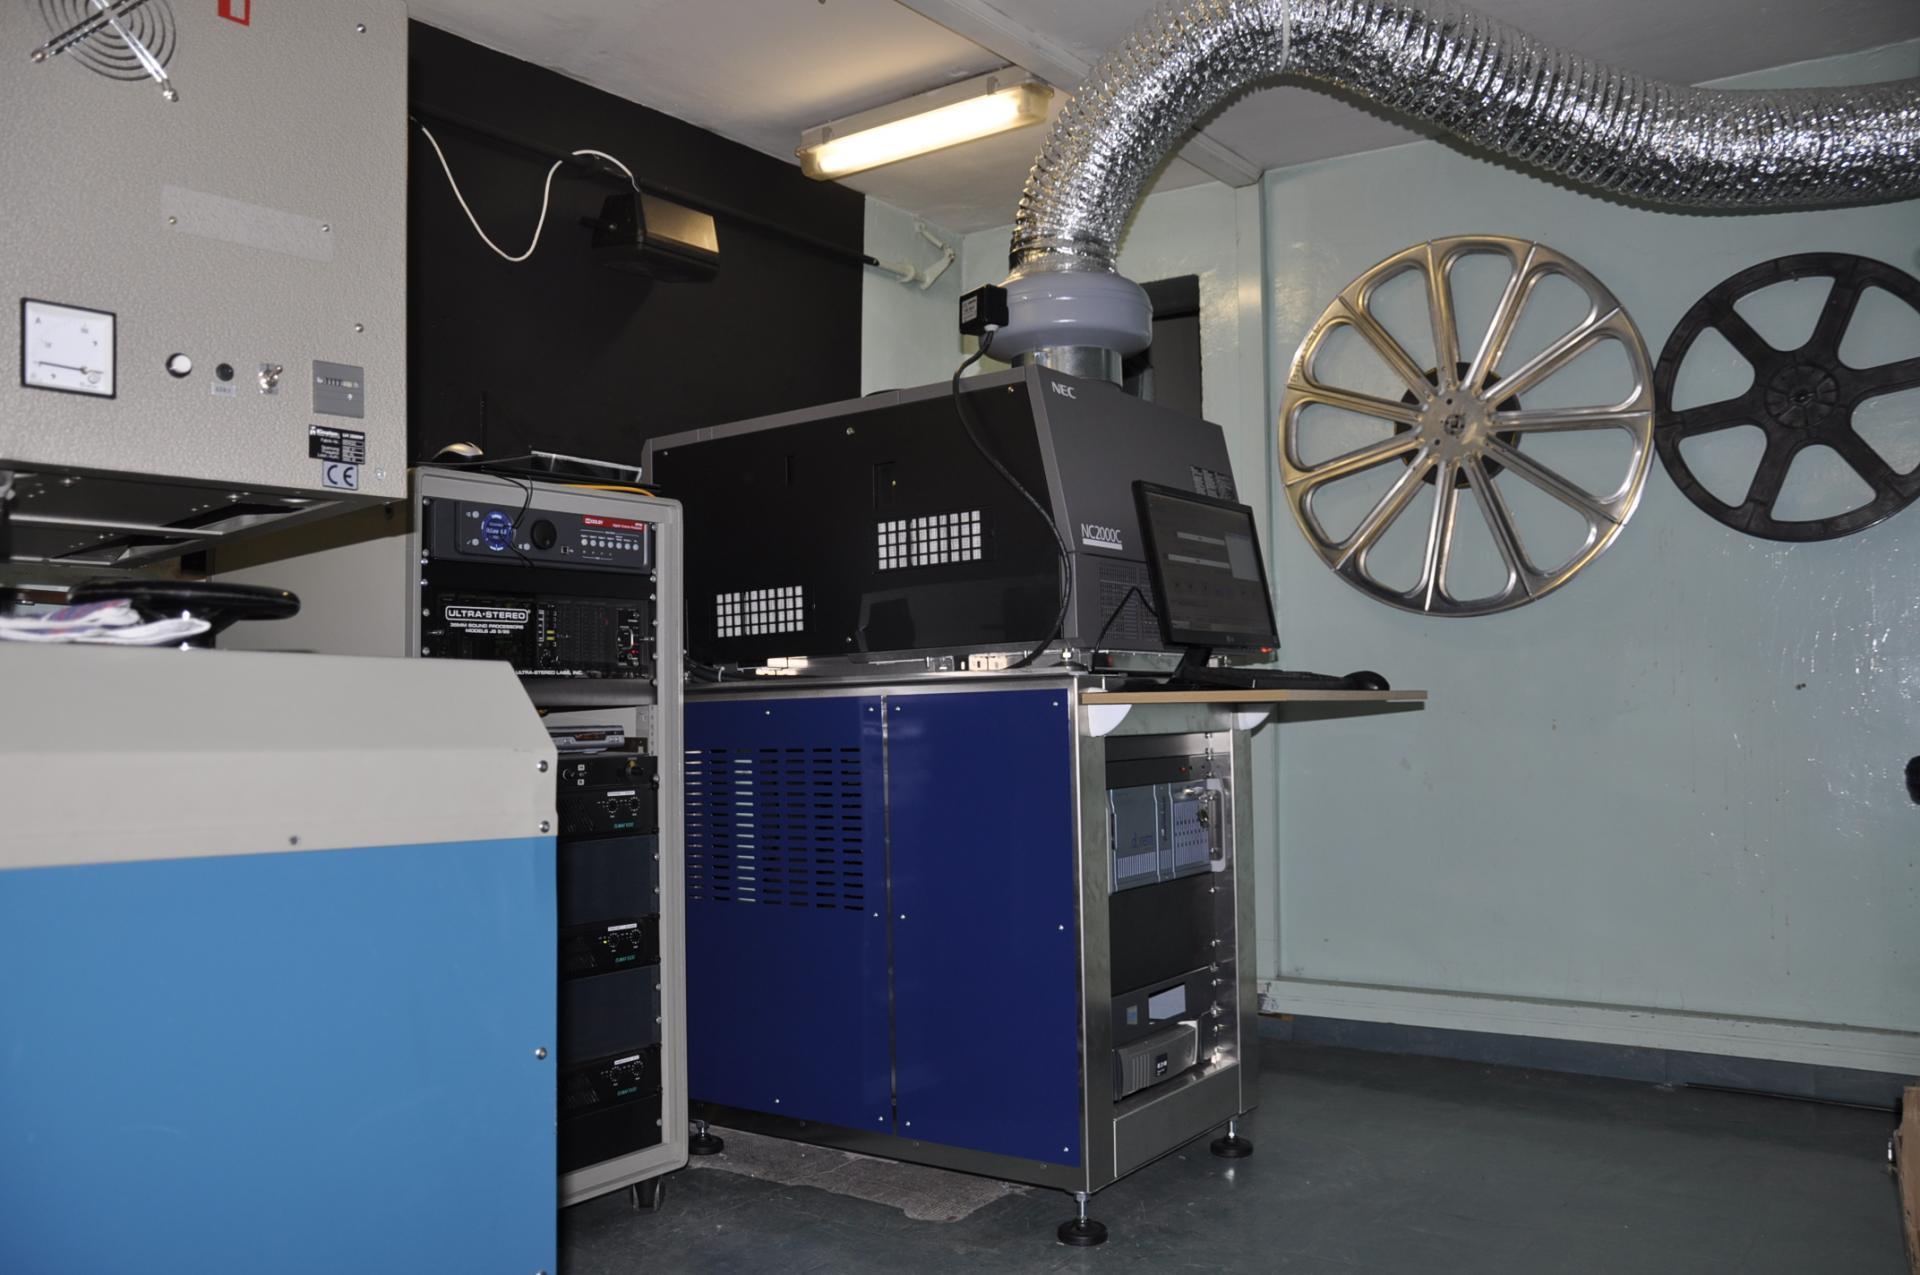 Le projecteur numérique, installé en novembre 2012